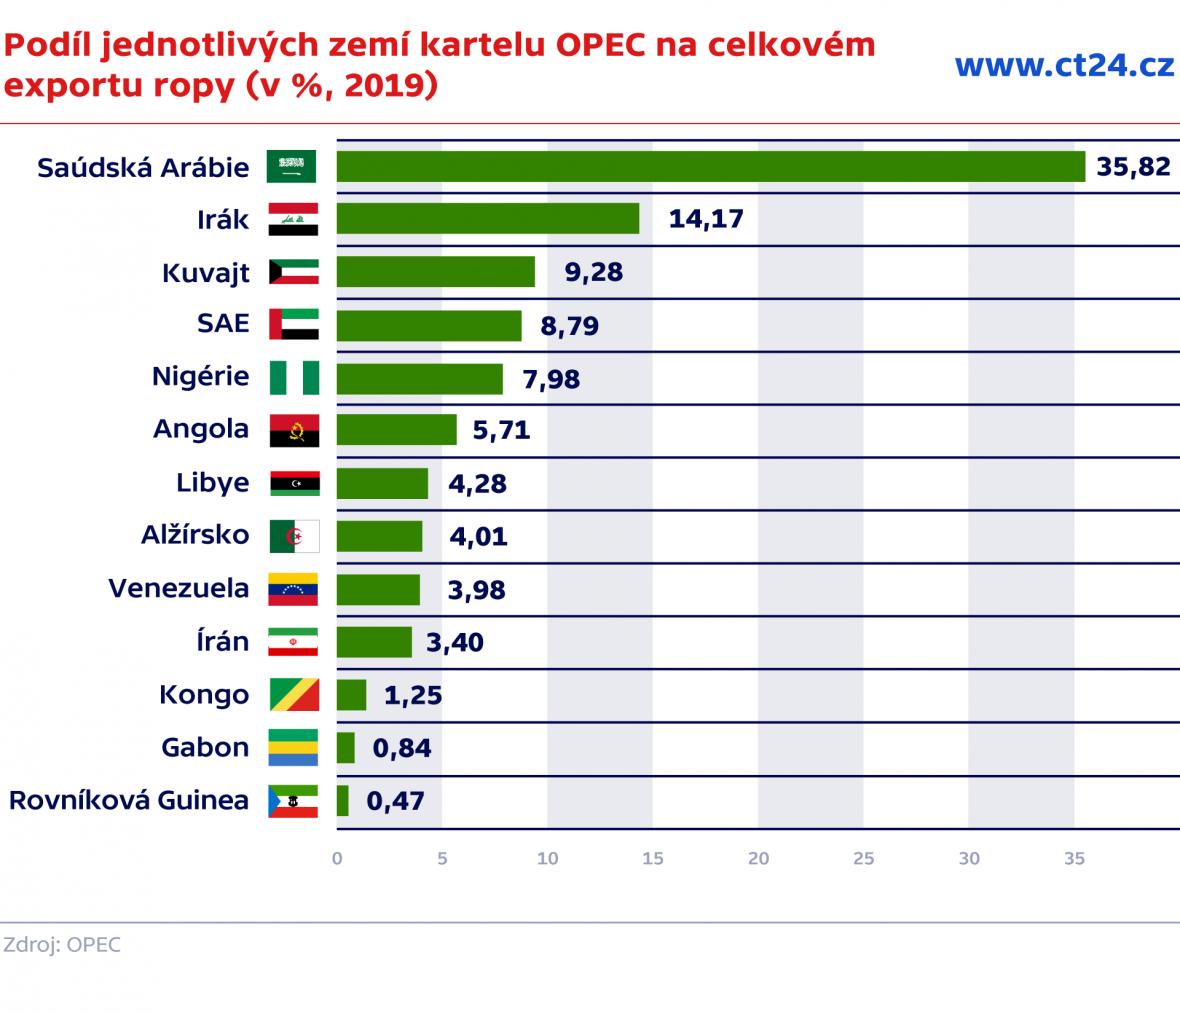 Podíl jednotlivých zemí kartelu OPEC na celkovém exportu ropy (v %, 2019)